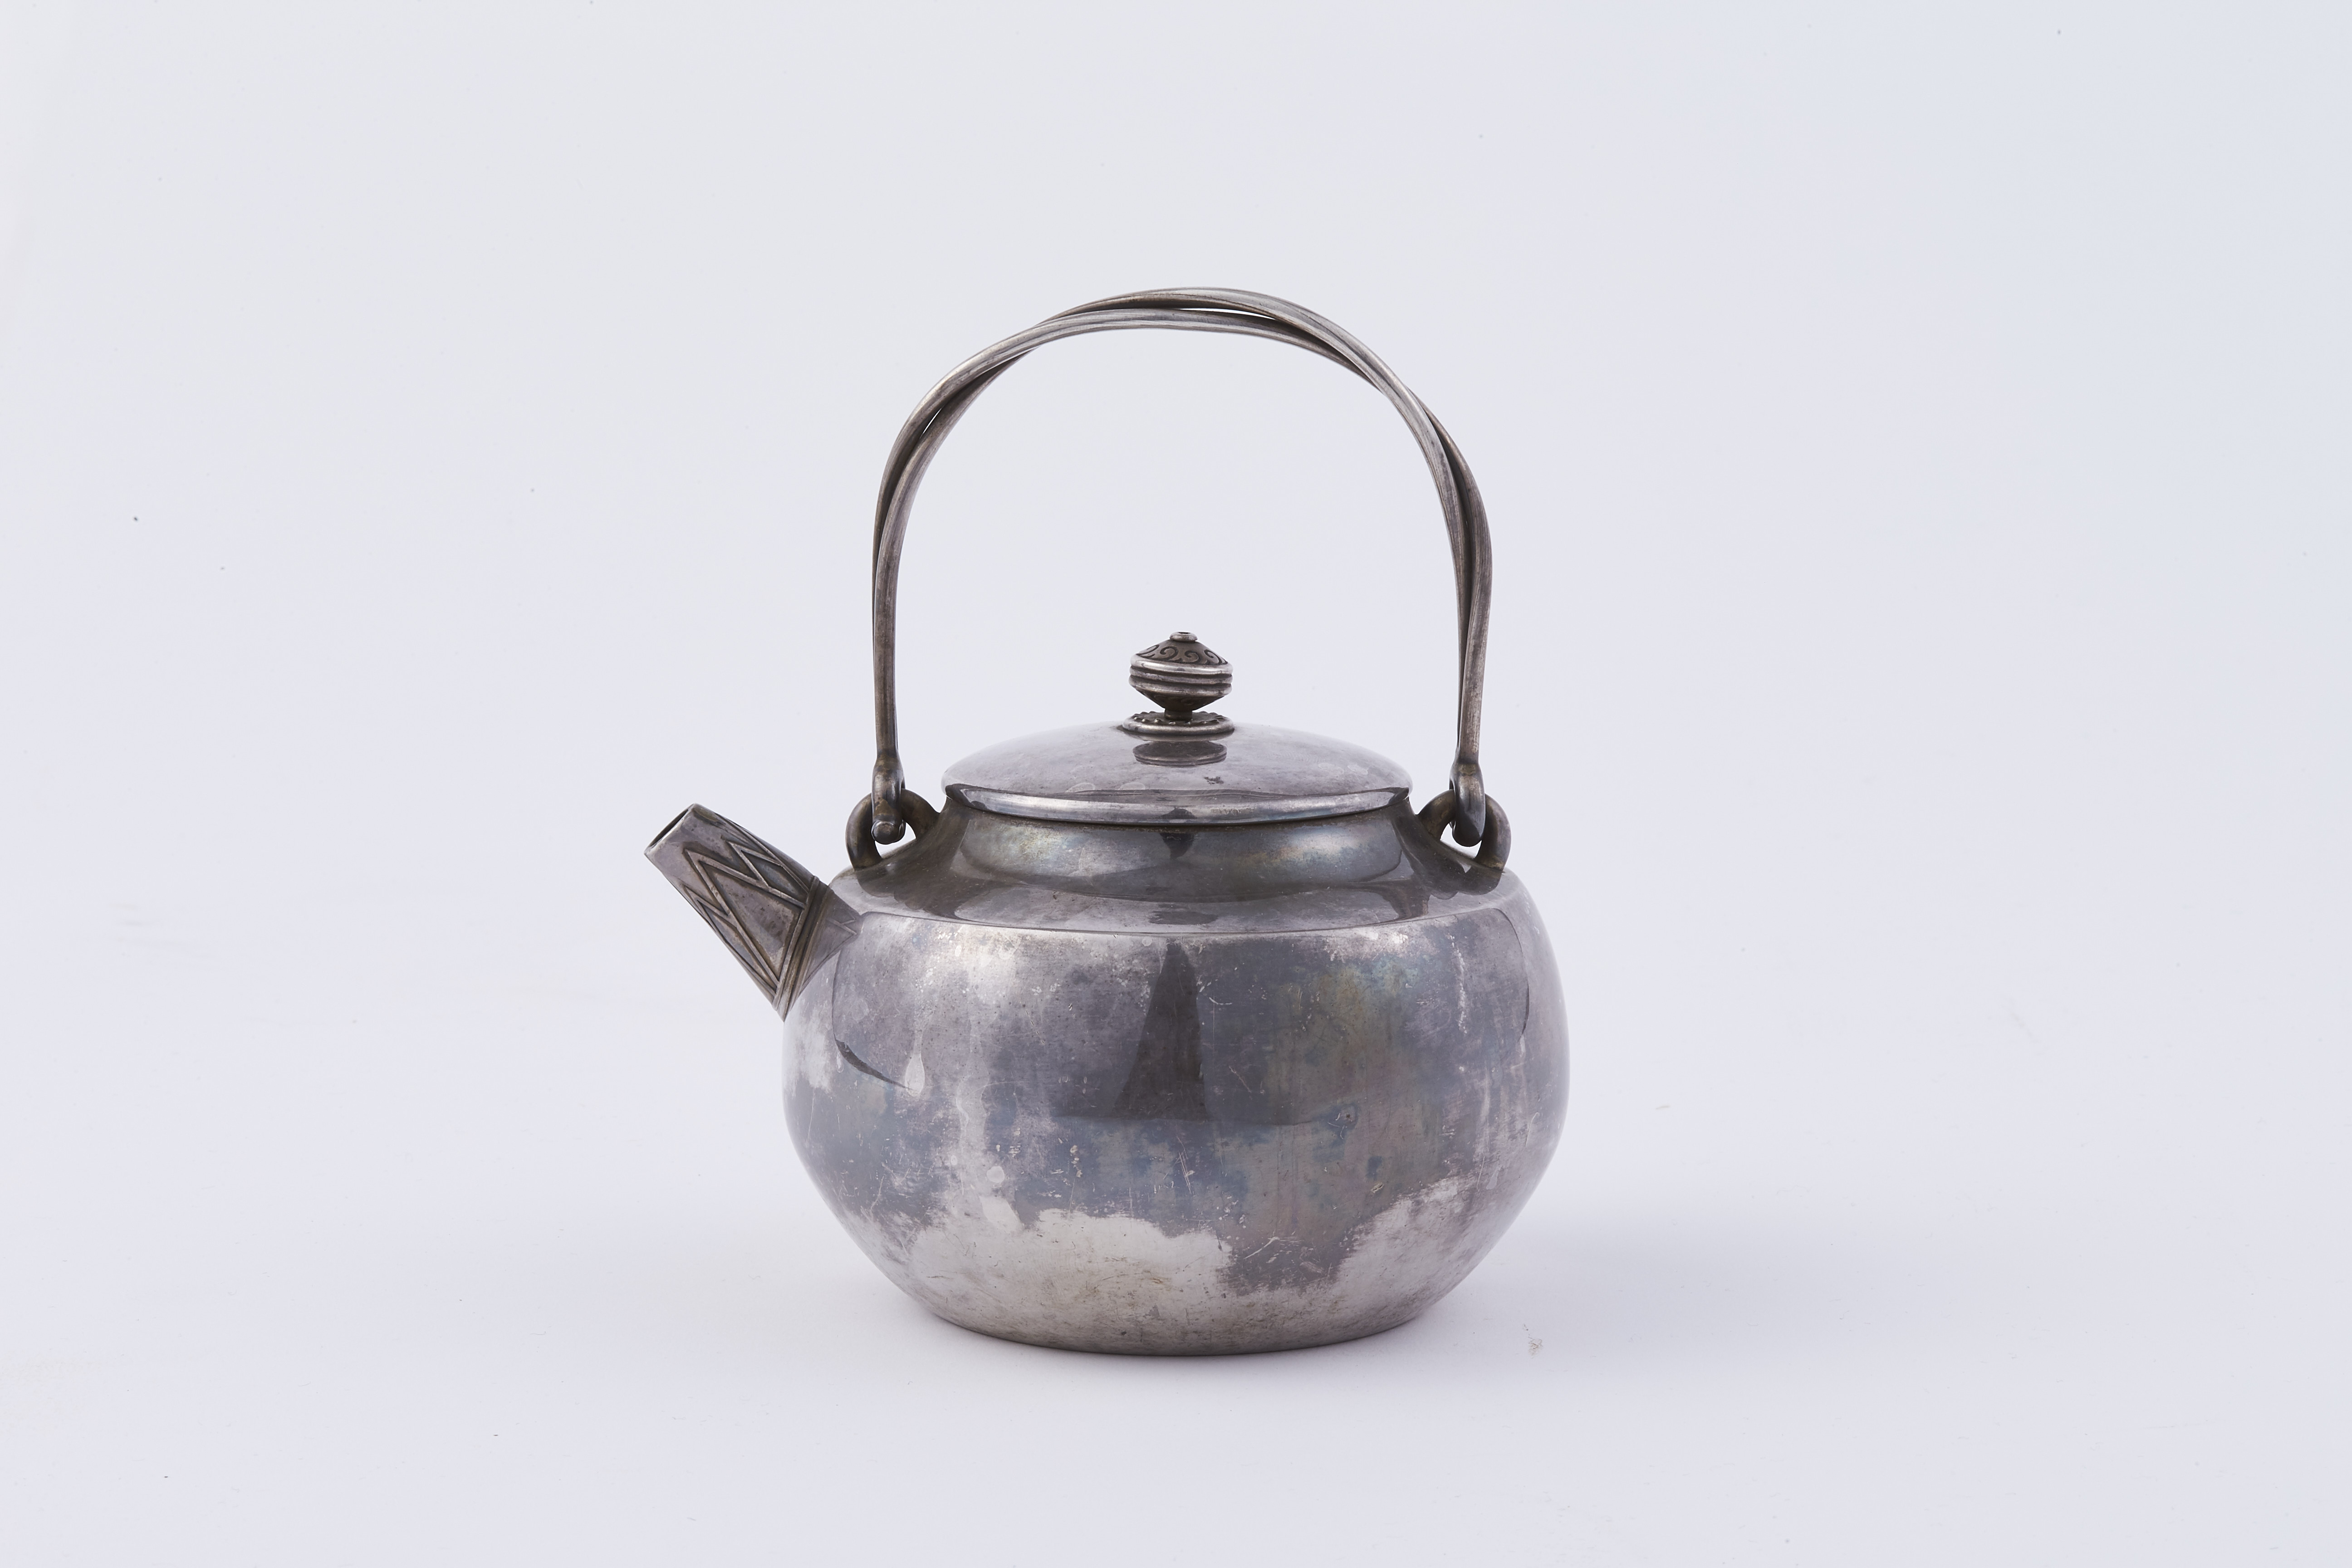 171155「二世蔵六」造 純銀 單従盉式 湯沸 471g